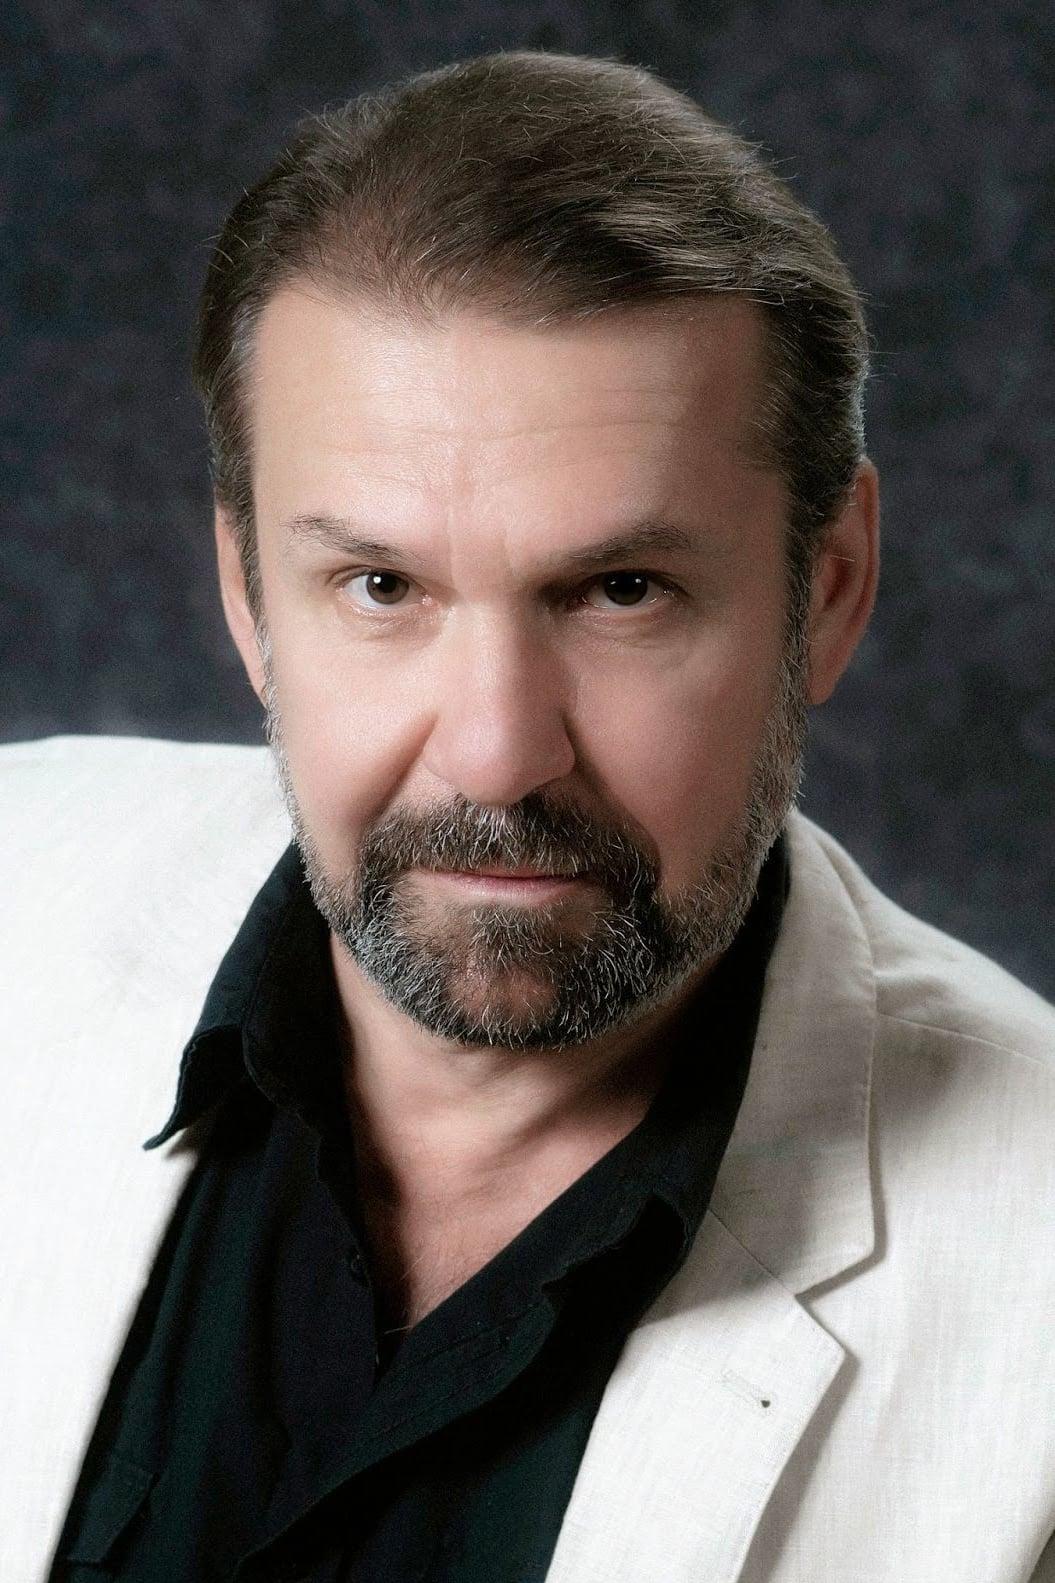 Yurij Rosstalnyj